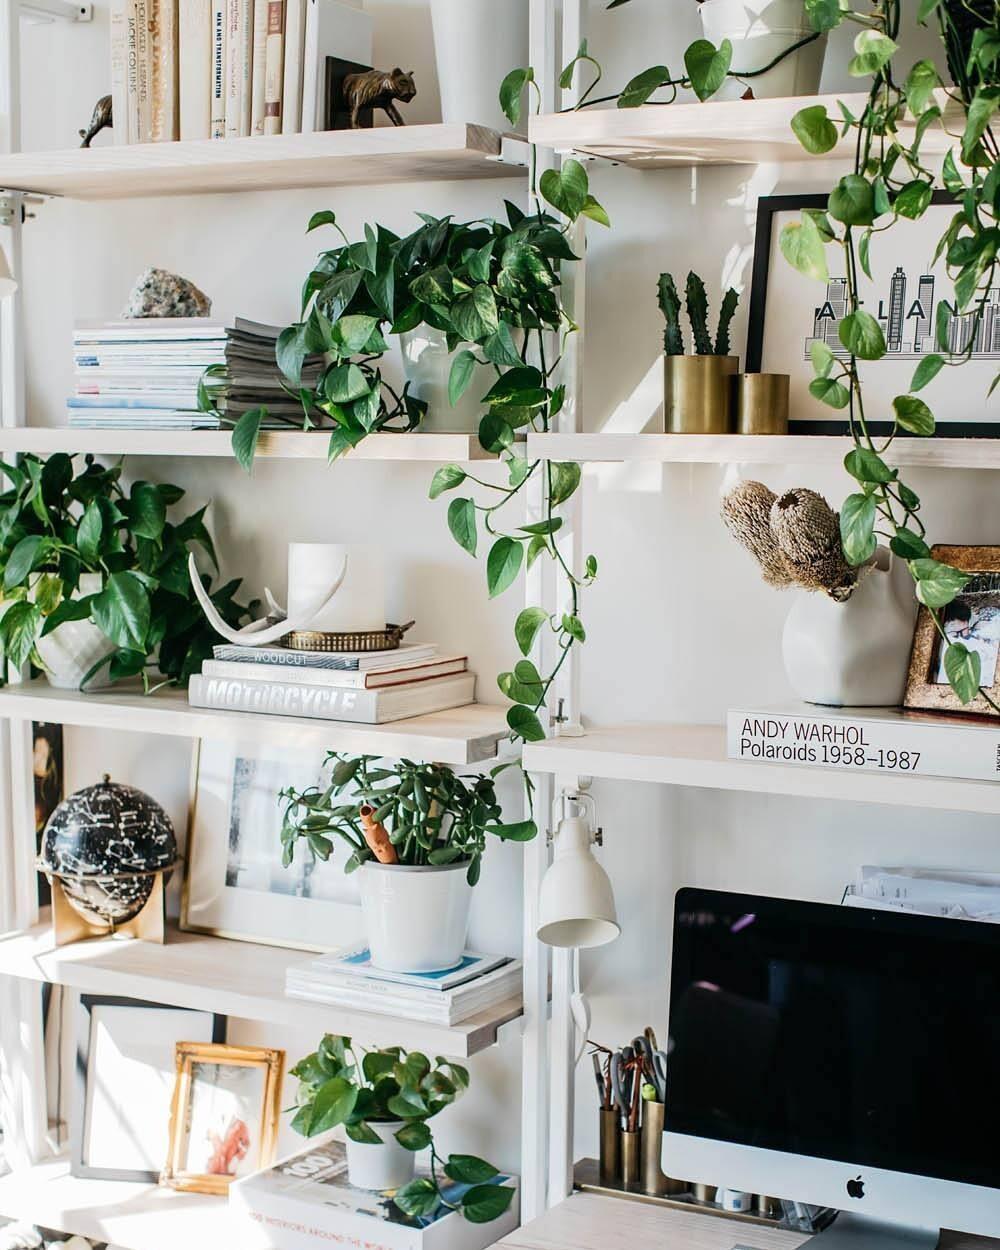 13 способов озеленить квартиру и освободить подоконники